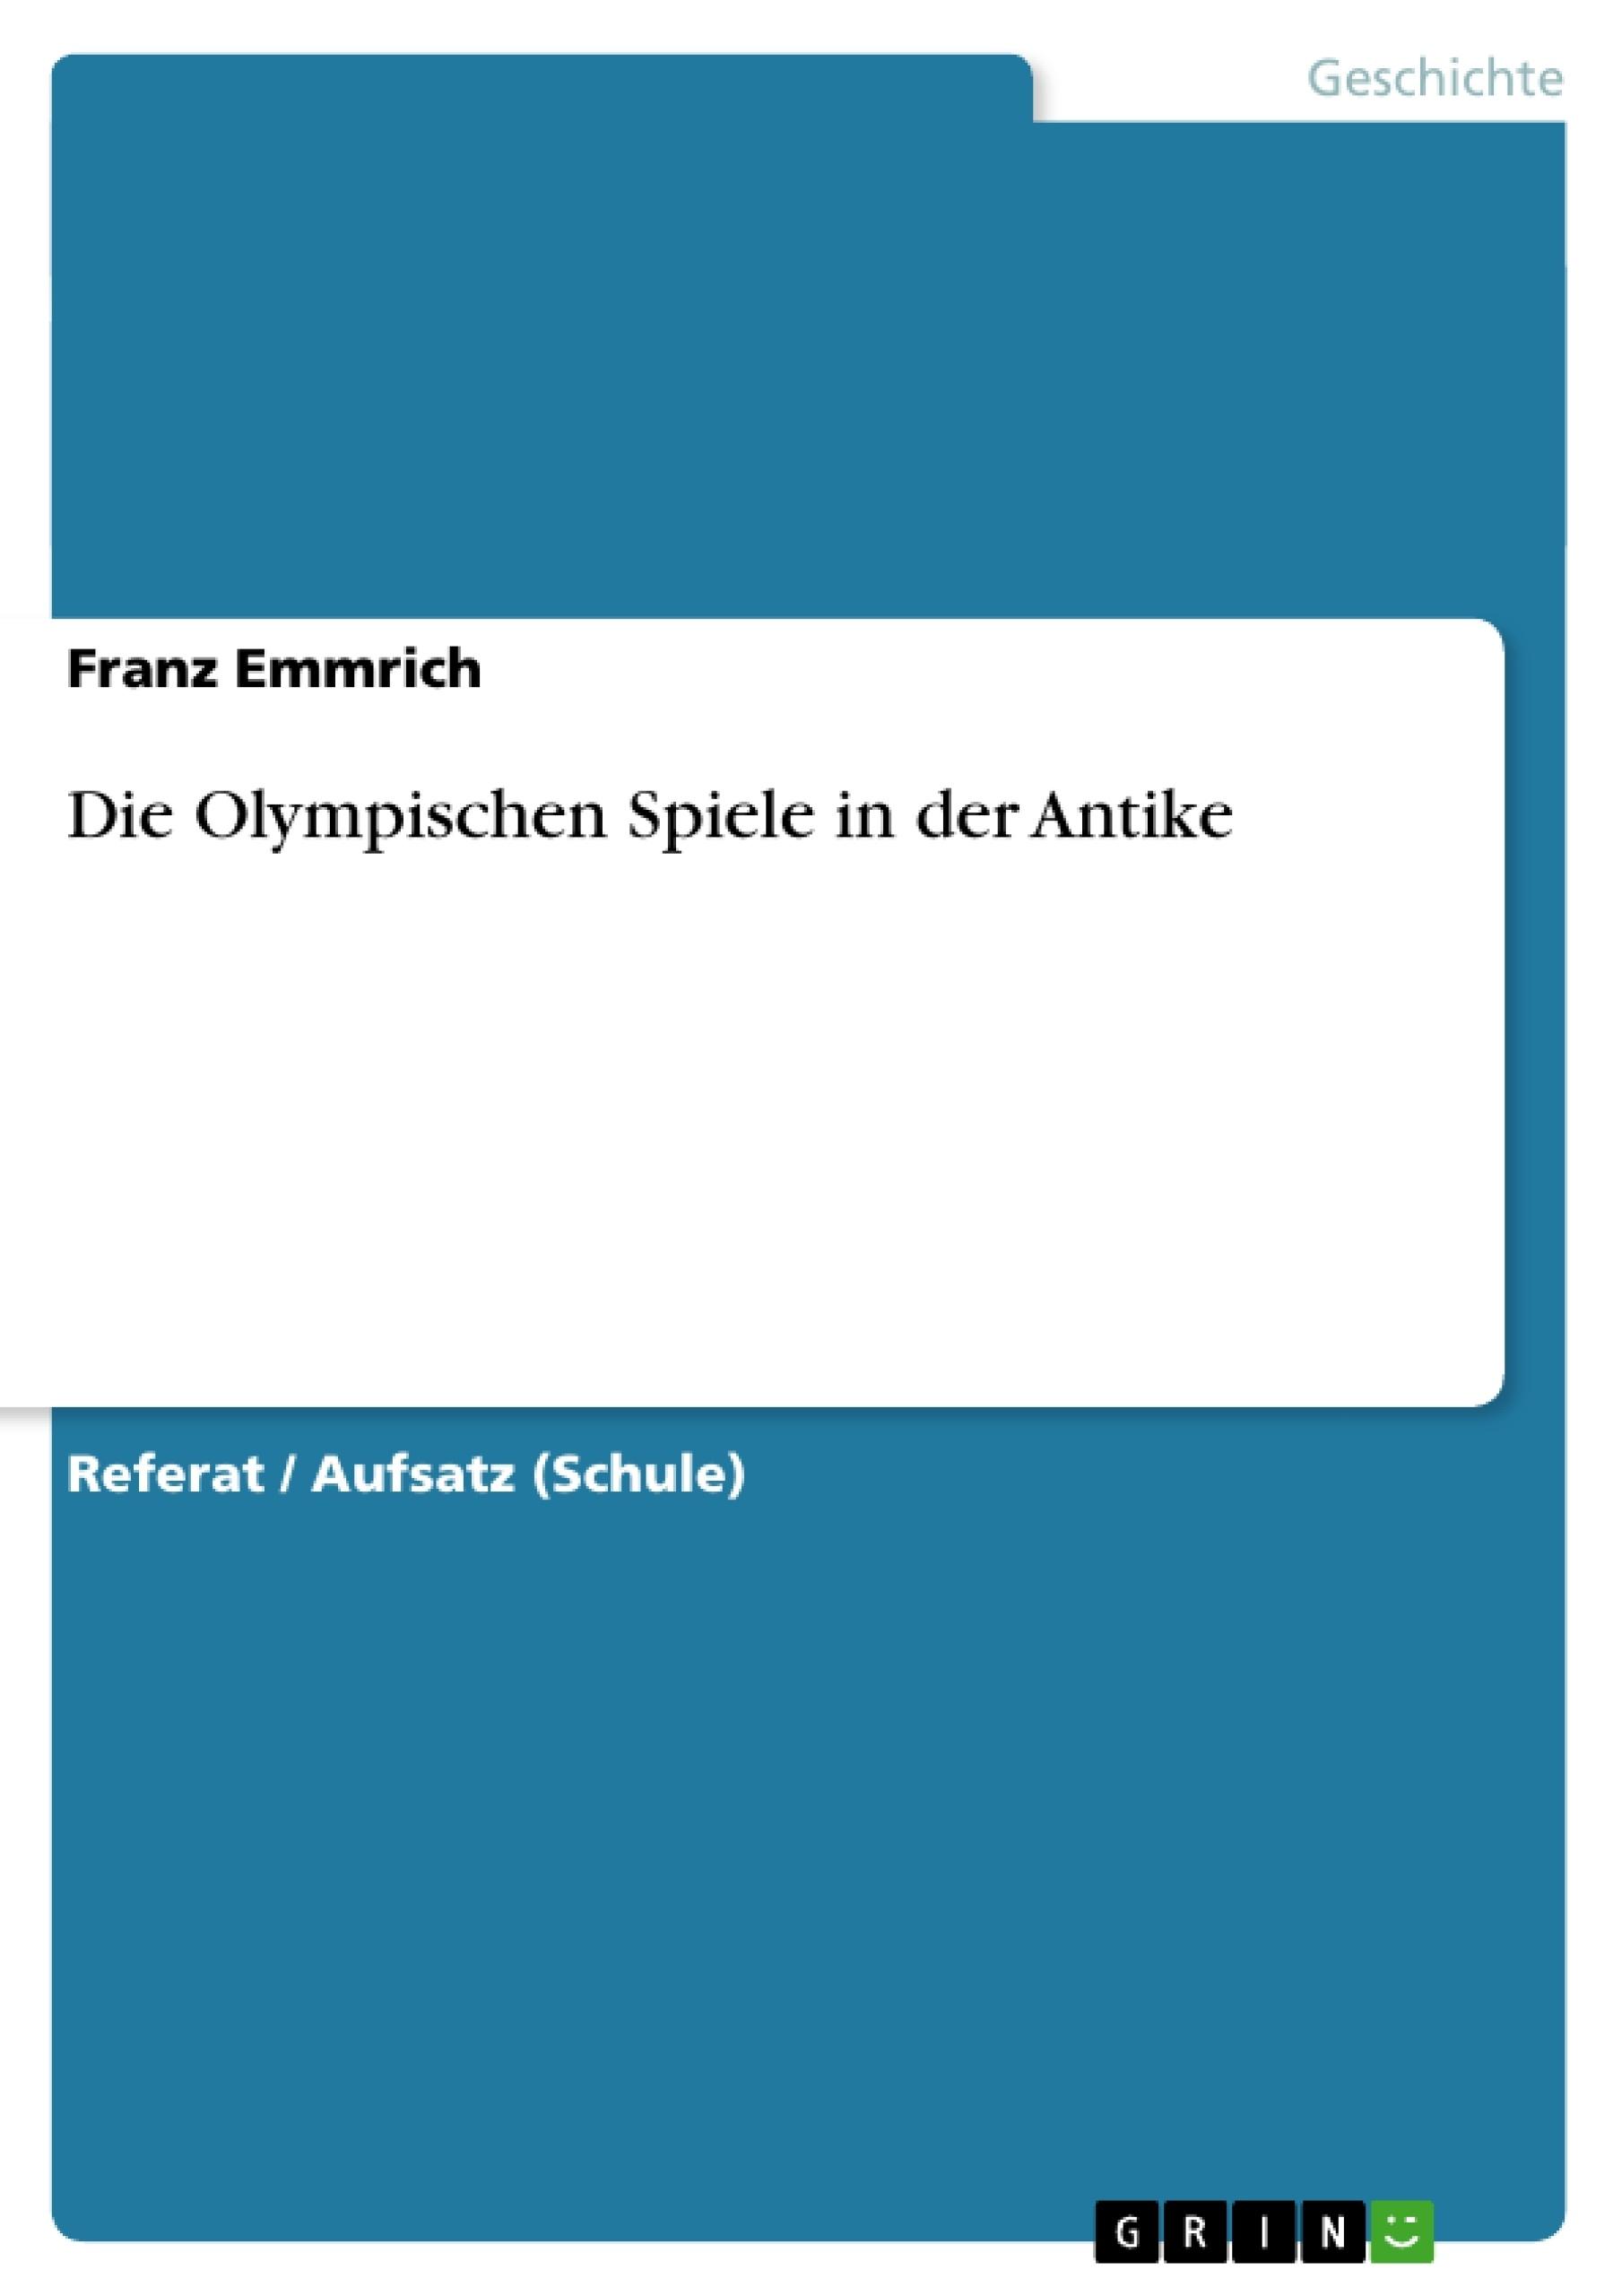 Titel: Die Olympischen Spiele in der Antike